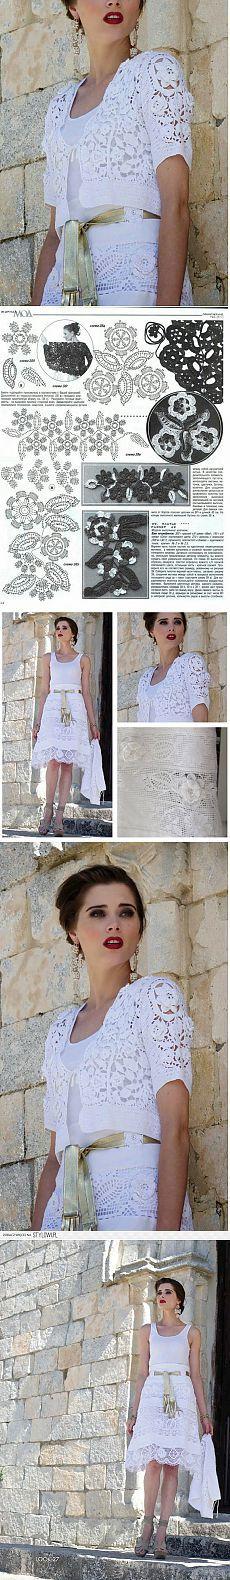 Ирландское кружево , нарядное болеро и юбка.